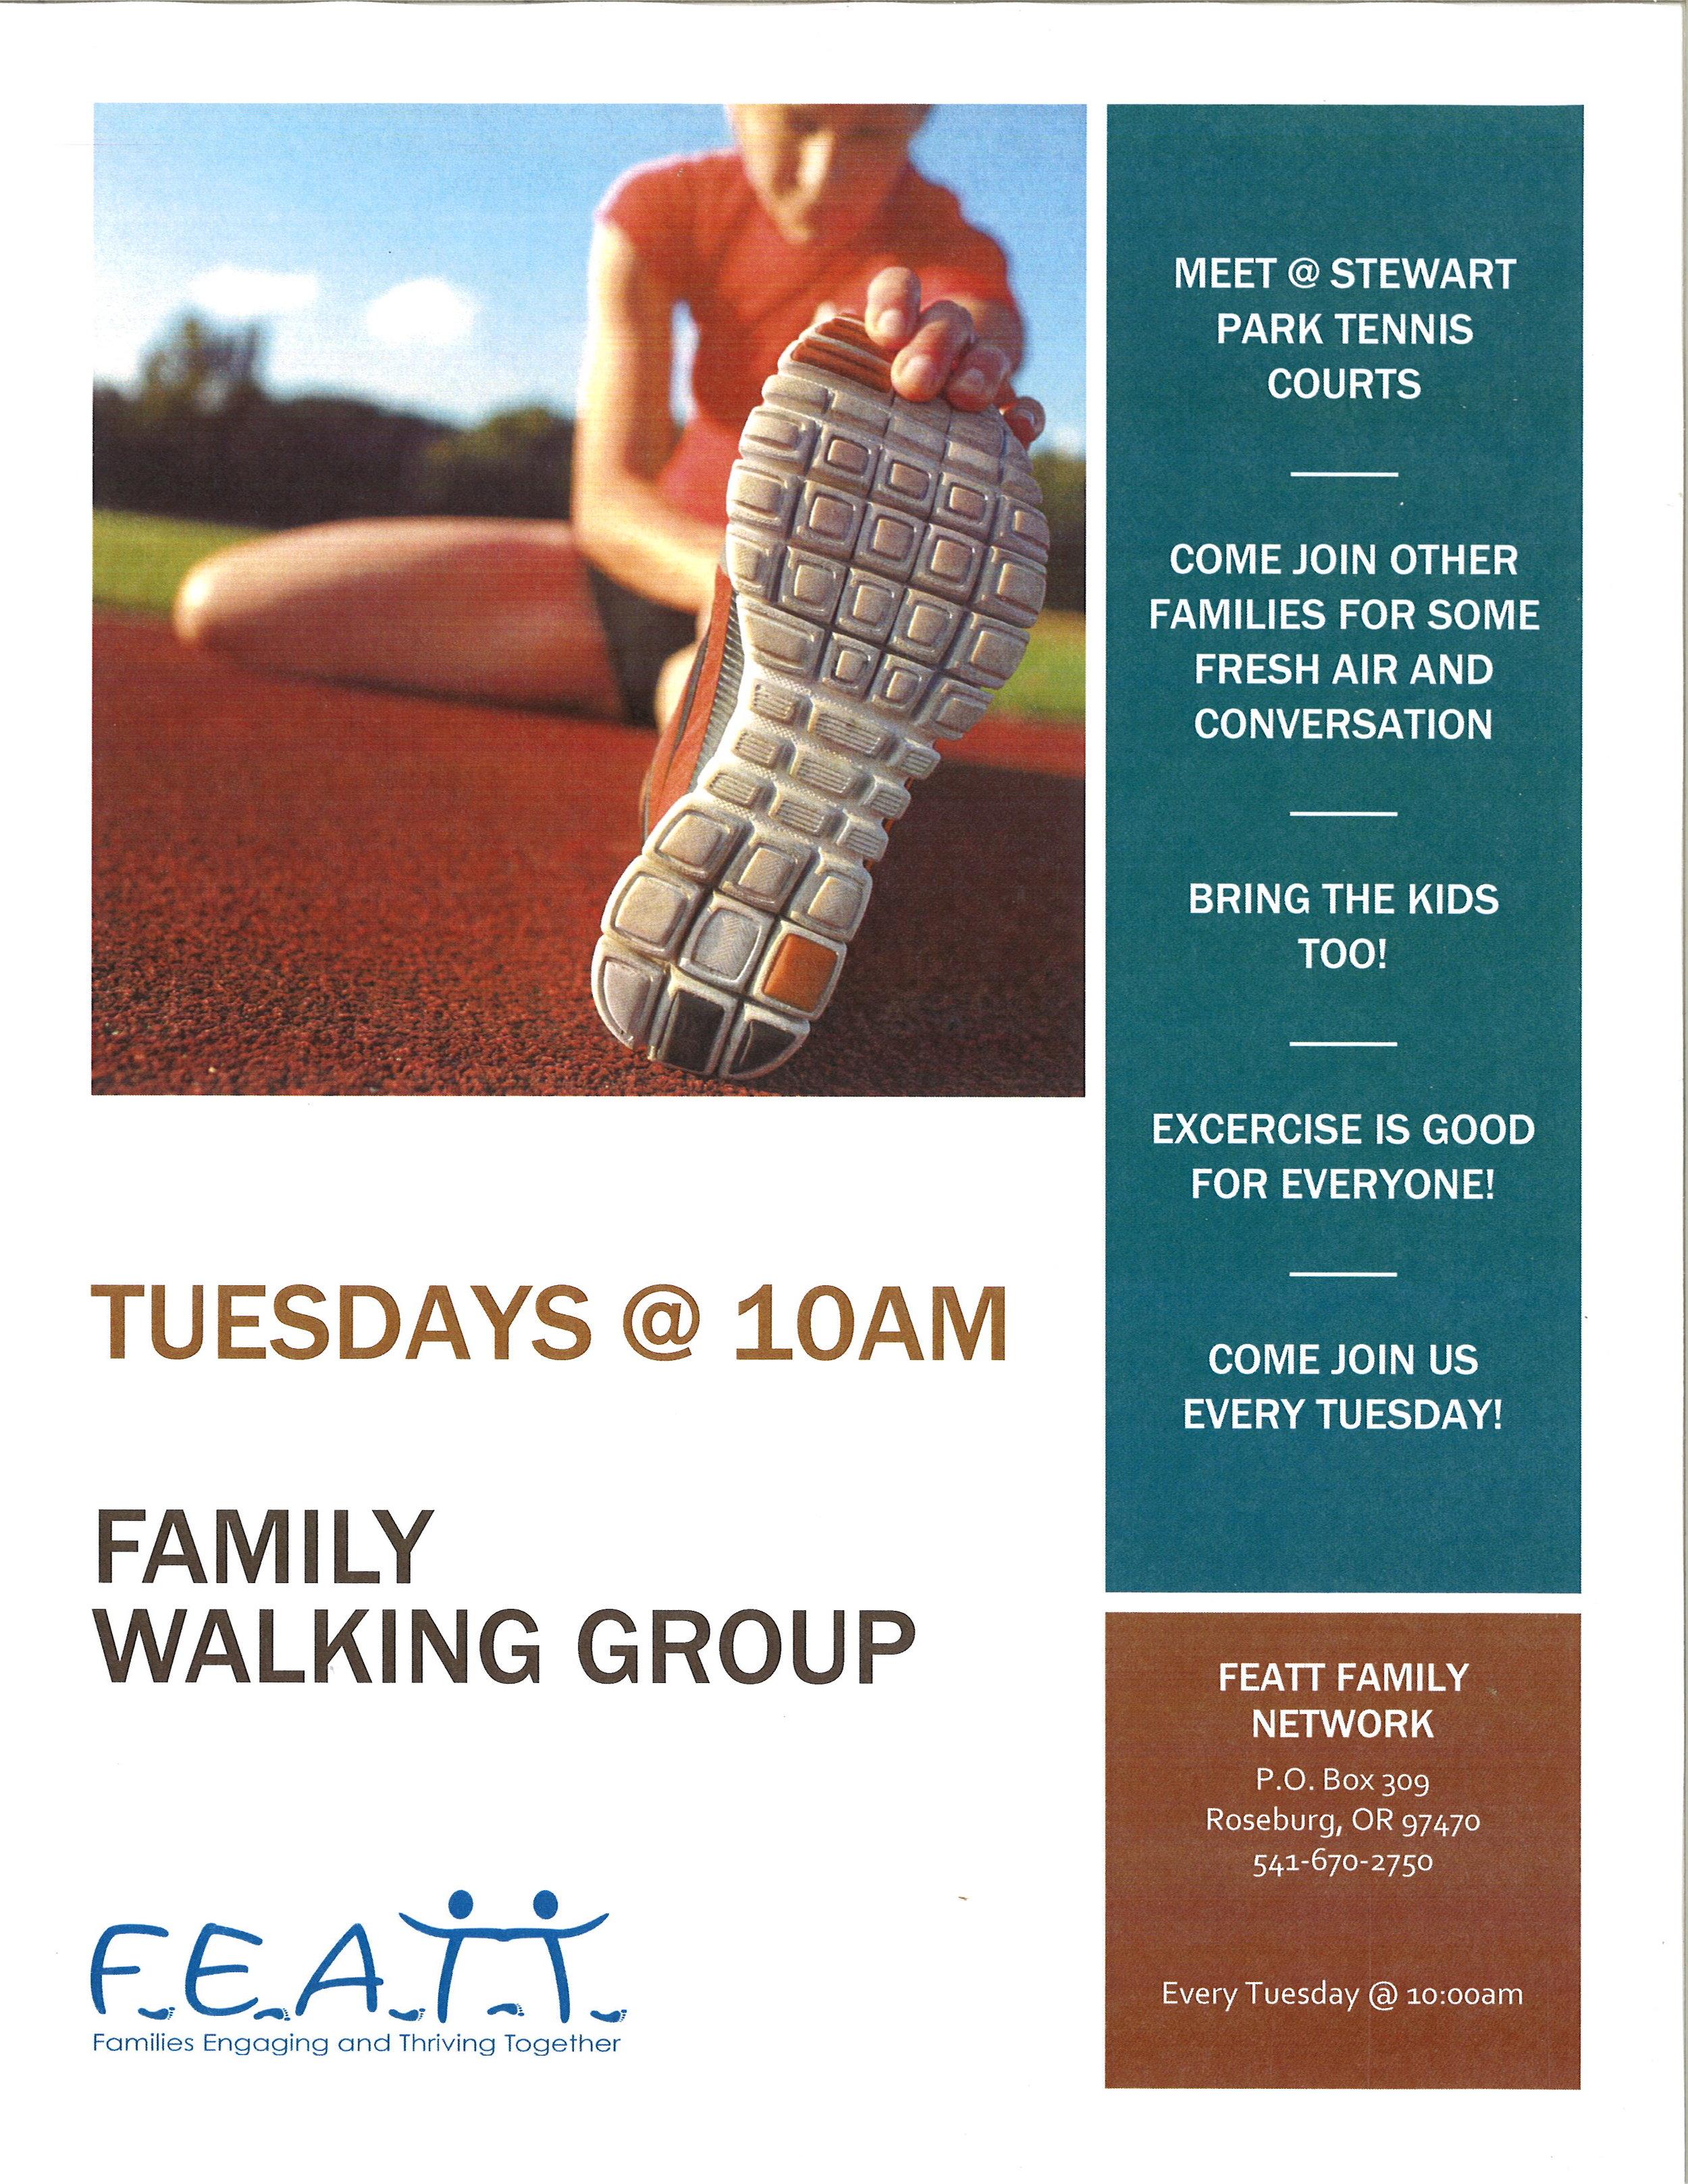 familywalkinggroup oncgoin.jpg